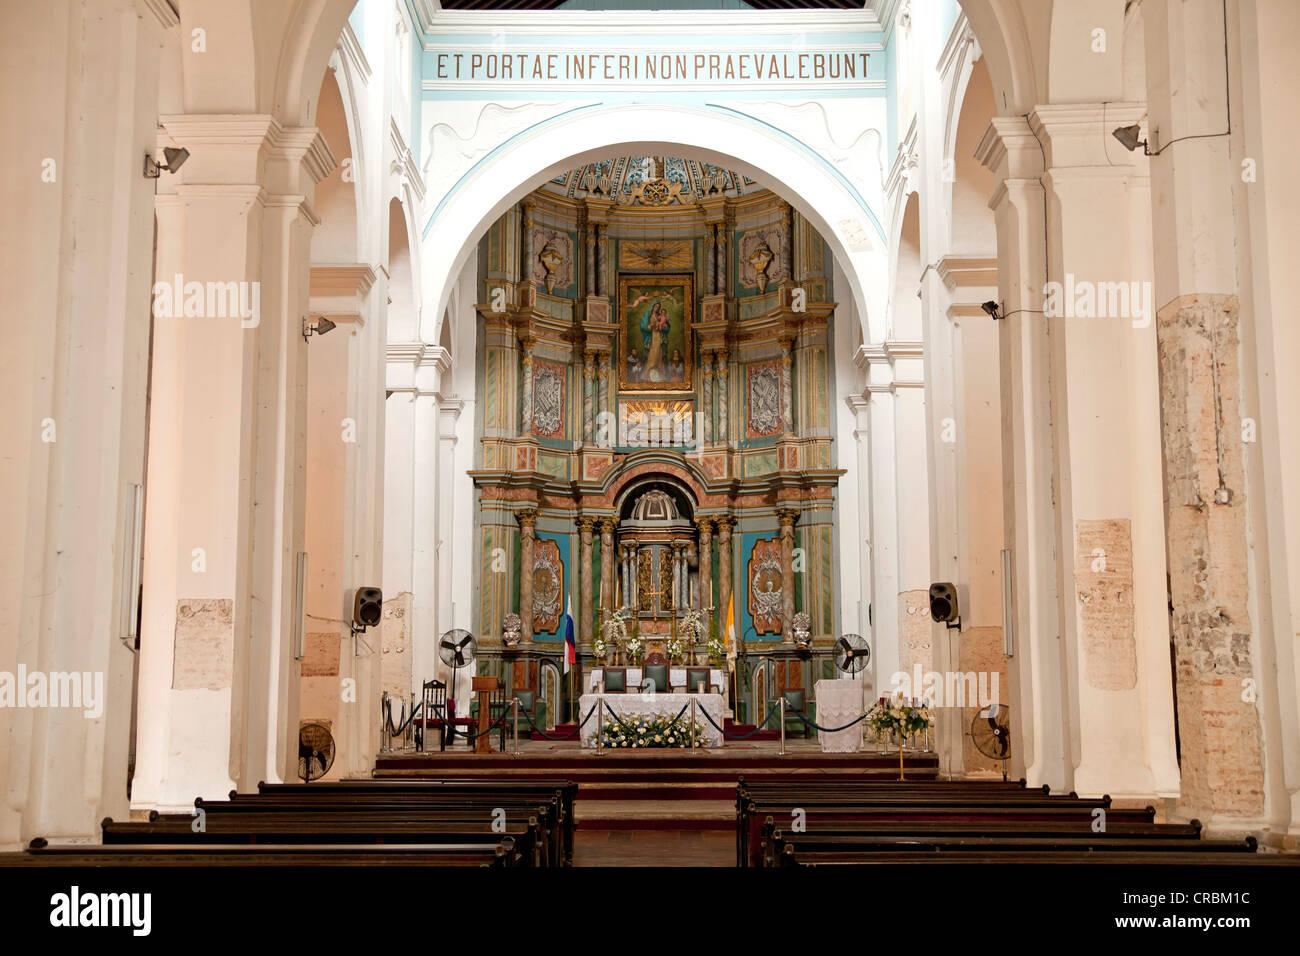 Altare della cattedrale della città vecchia, Casco Viejo, Panama City, Panama America Centrale Immagini Stock